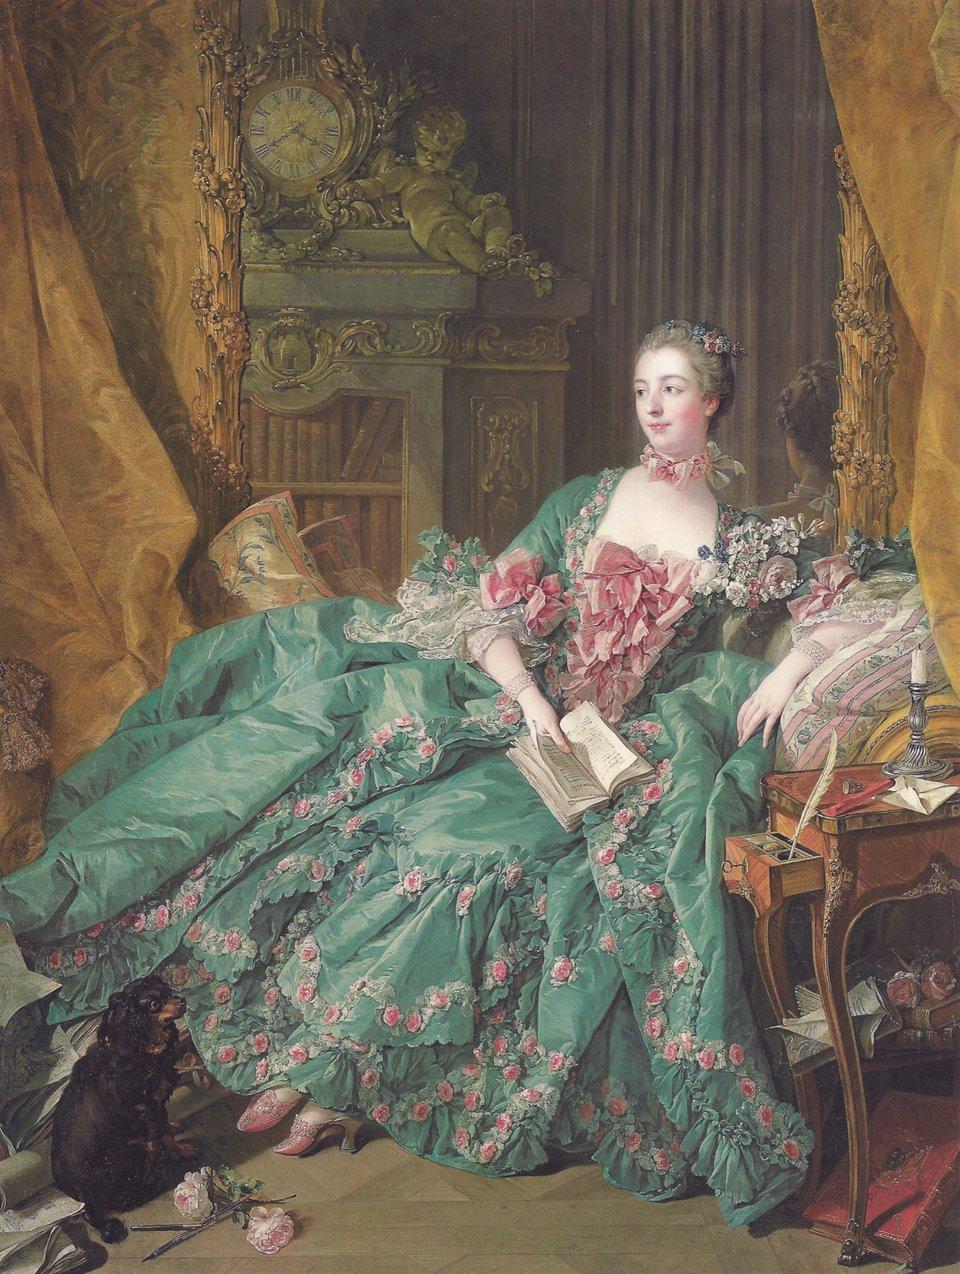 Madame de Pompadour Portret markizy de Pompadour namalowany przez F. Bouchera ok. 1756r. Obecnie znajduje sięwmuzeum Alte Pinakotheka wMonachium. Źródło: François Boucher, Madame de Pompadour, 1756, olej na płótnie, Alte Pinakothek, domena publiczna.